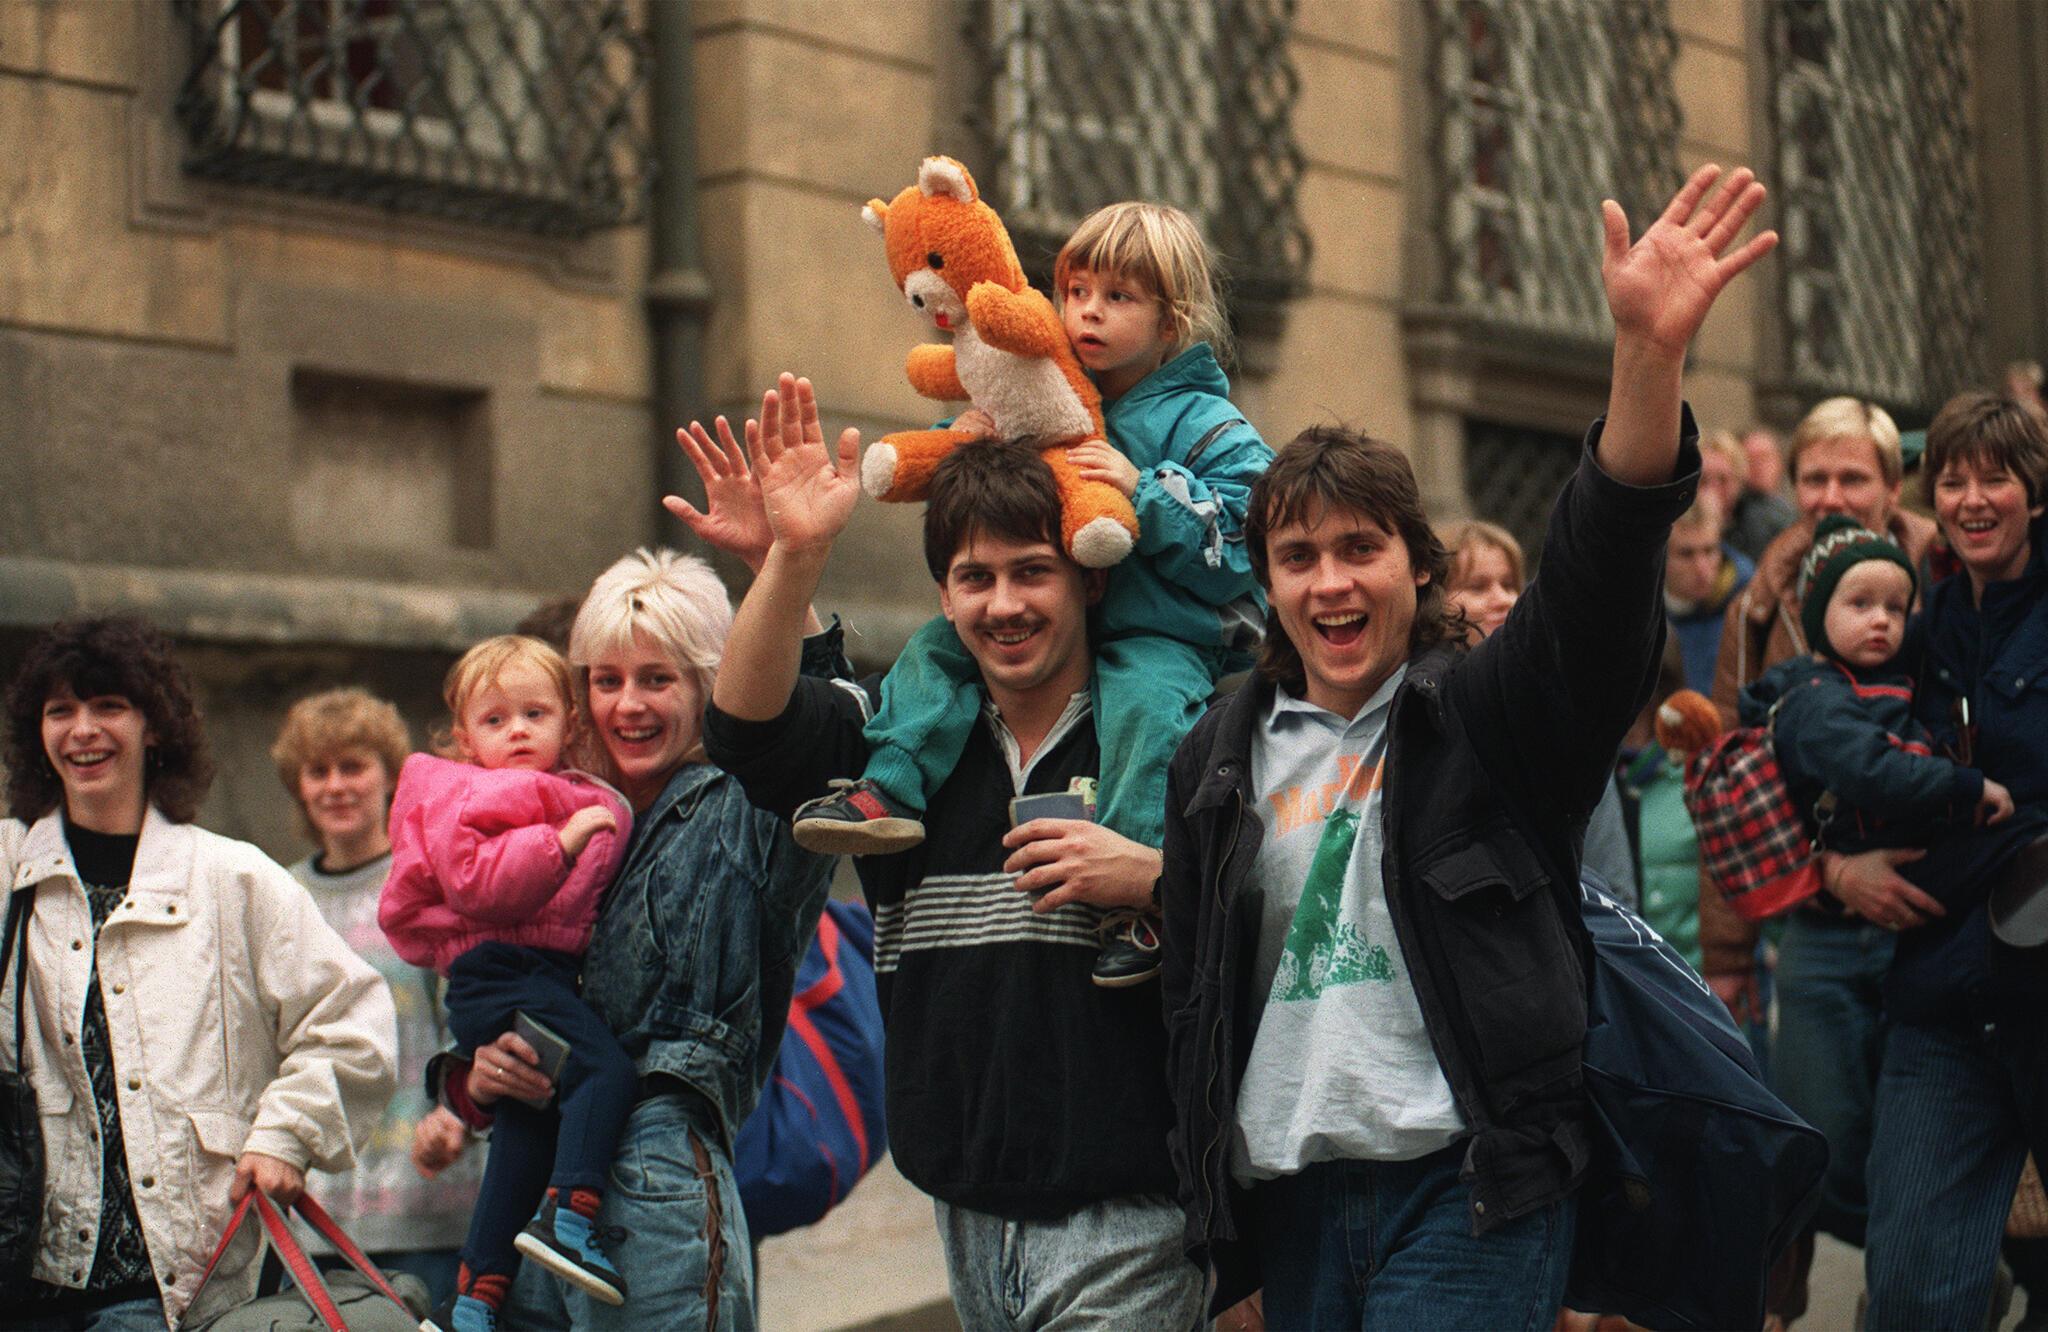 Des réfugiés est-allemands après leur départ de la cour de l'ambassade de la République fédérale d'Allemagne, à Prague, en 1989.